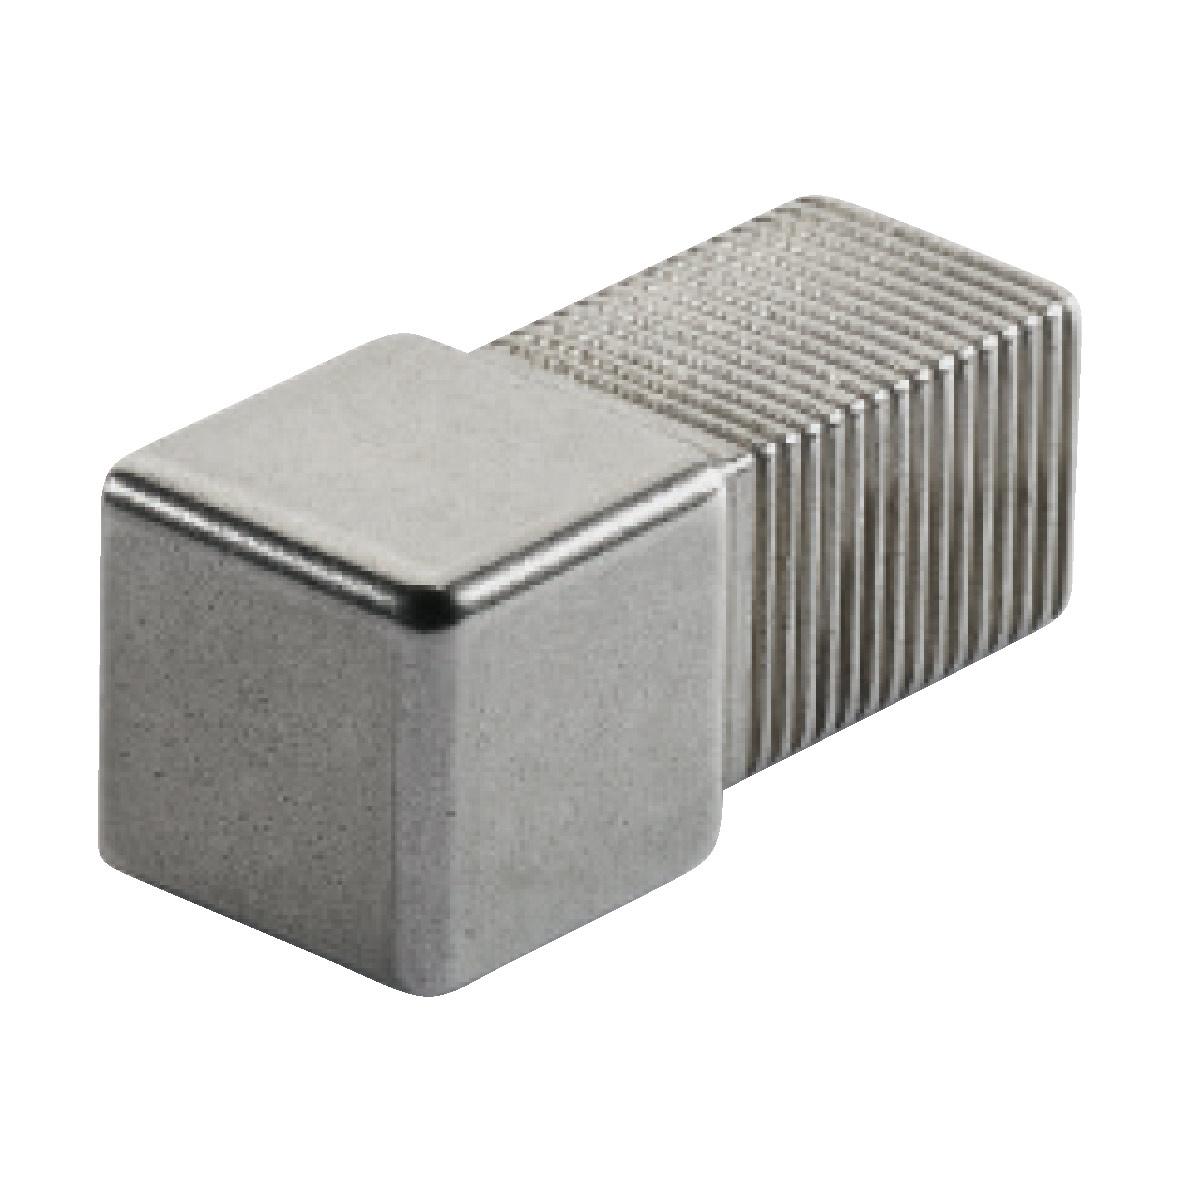 Profili per pavimenti Accessori Squarecapsule SJC IL Profilitec